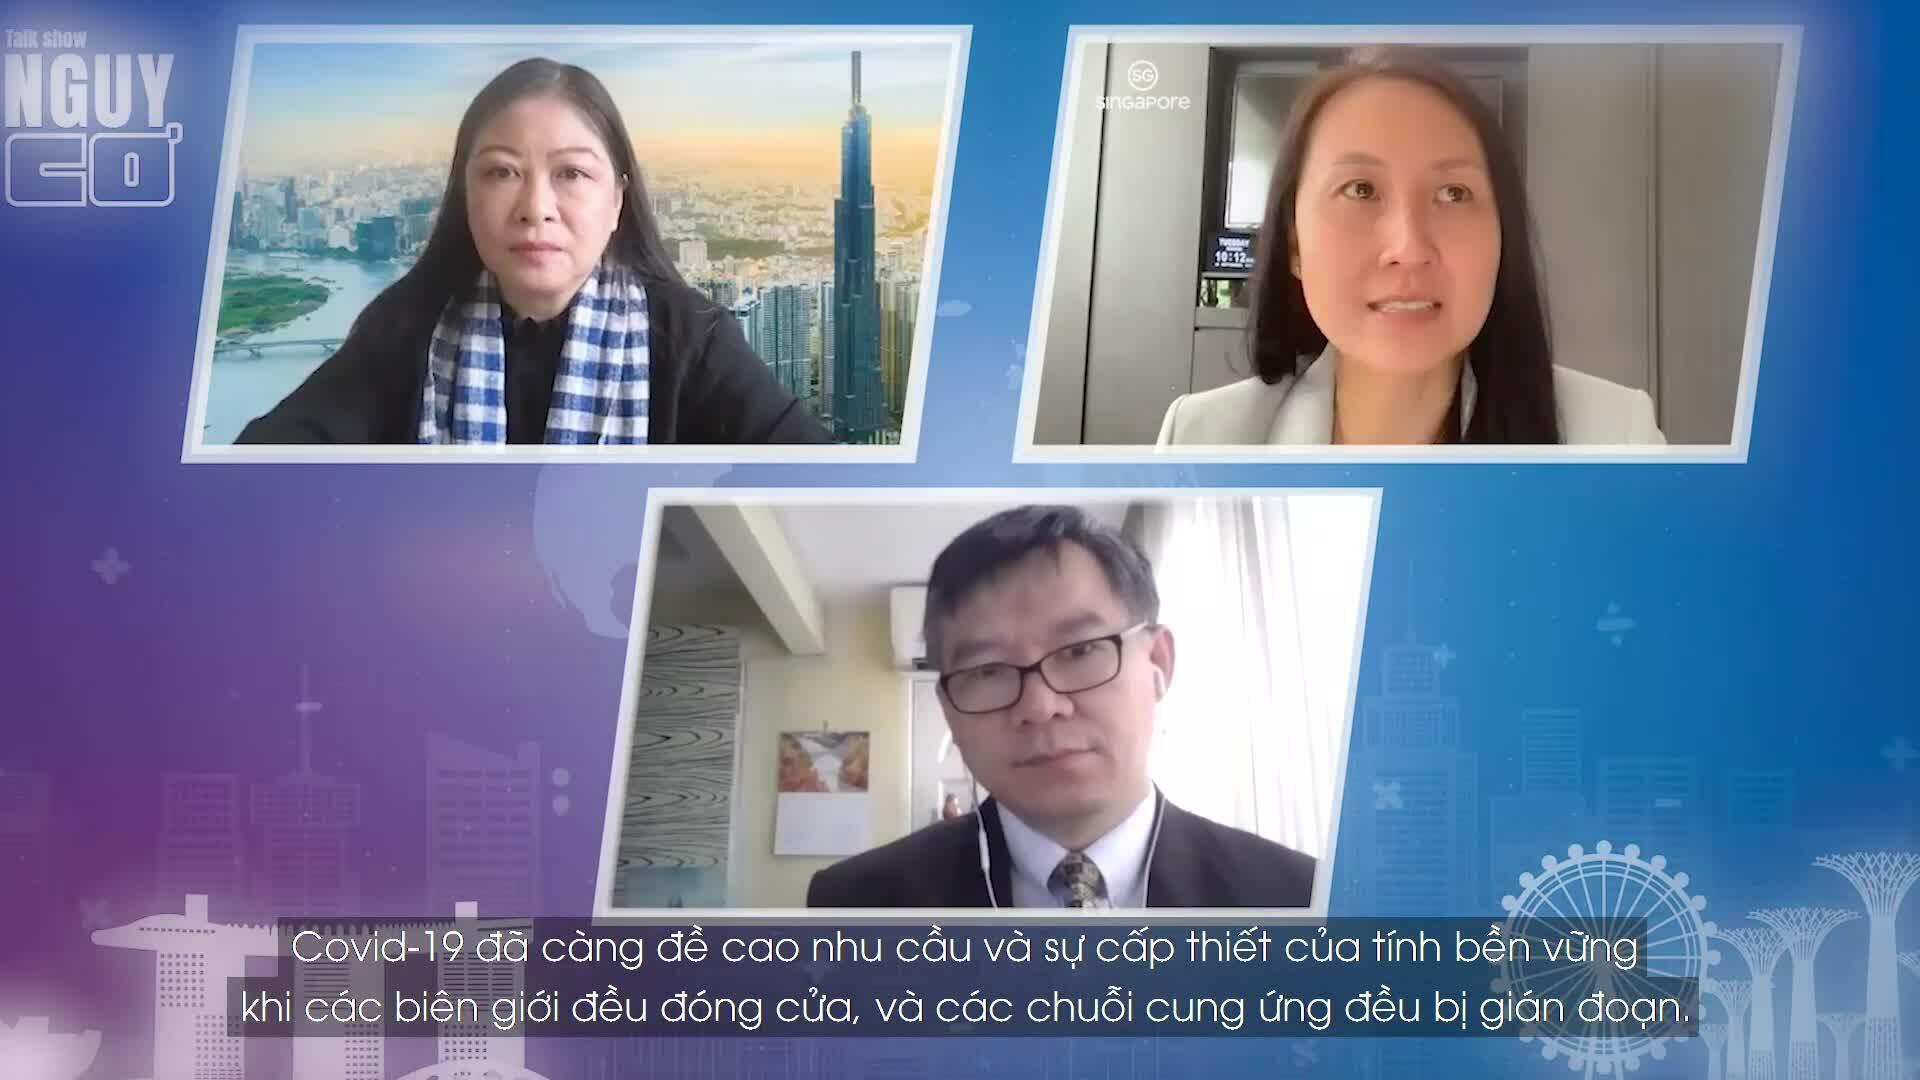 Doanh nghiệp Singapore nắm cơ hội với kế hoạch phát triển bền vững